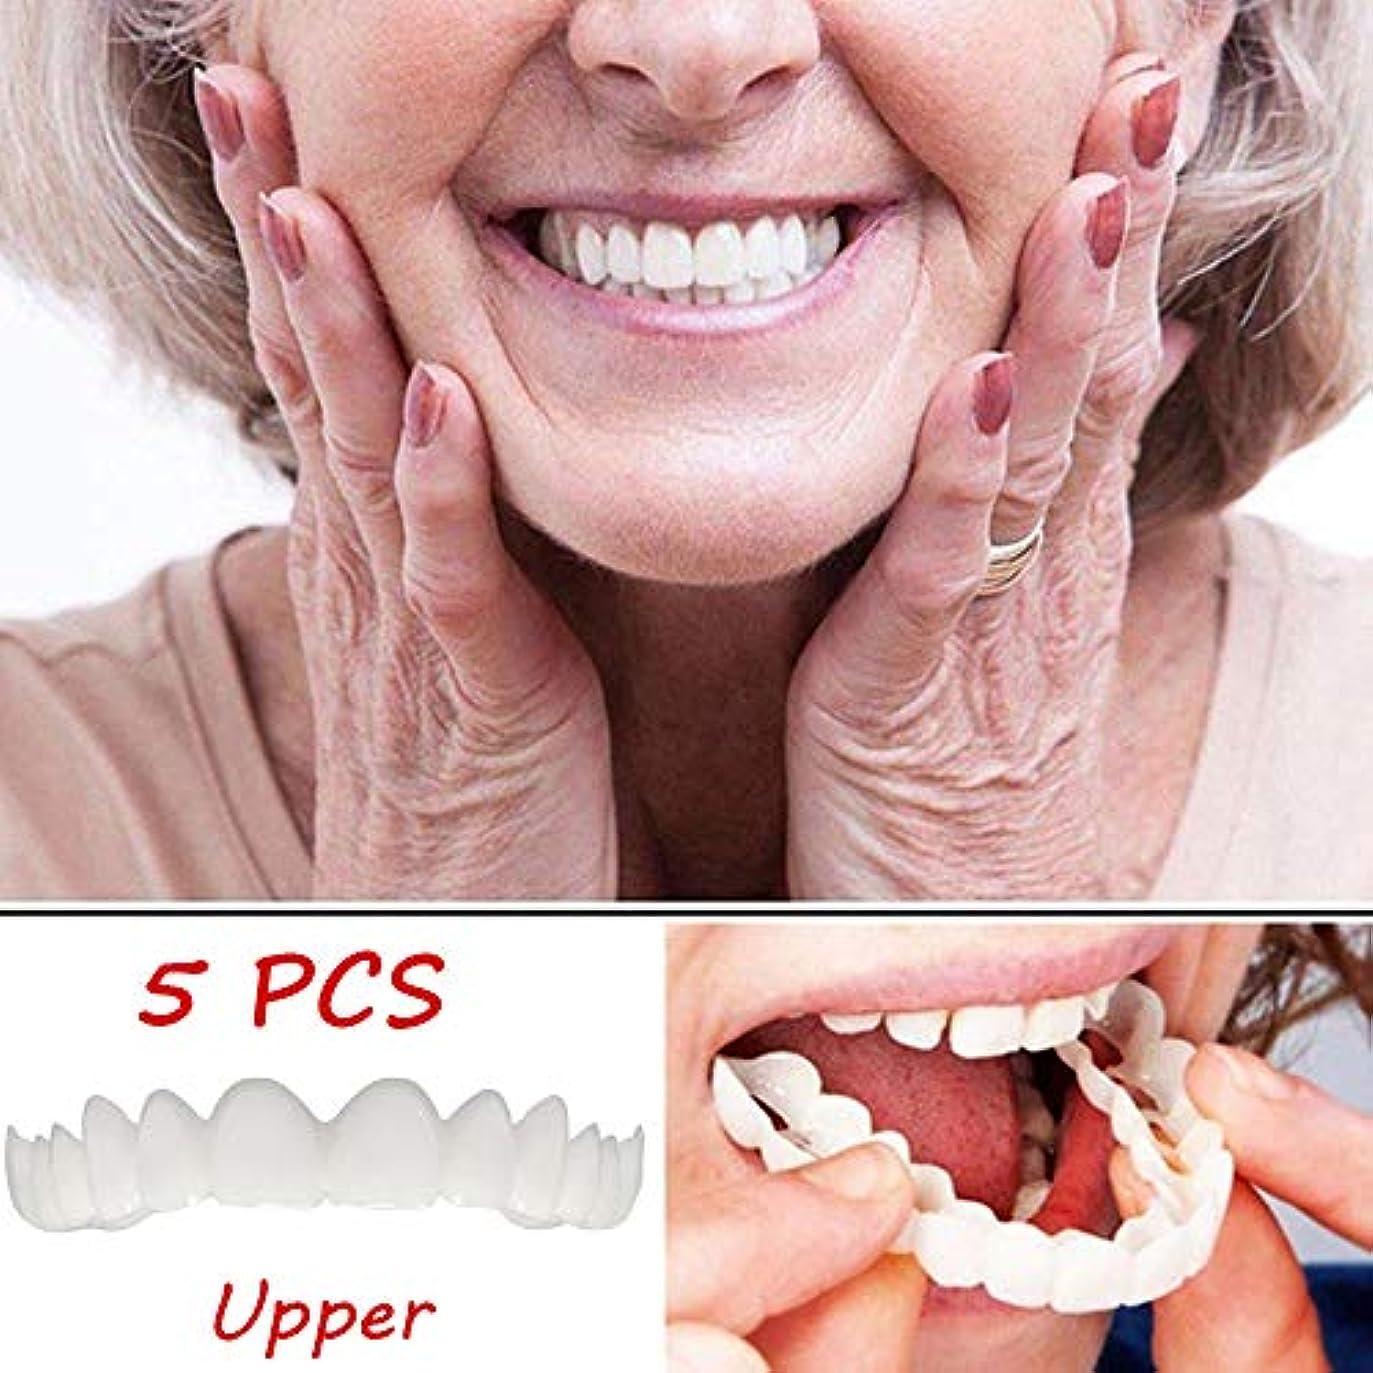 コジオスコフック大邸宅快適なベニヤの歯は一時的に歯の上の歯の1つのサイズを白くする5 PCSを微笑みますほとんどの人々の美の歯のシミュレーションの歯の義歯の心配に合います